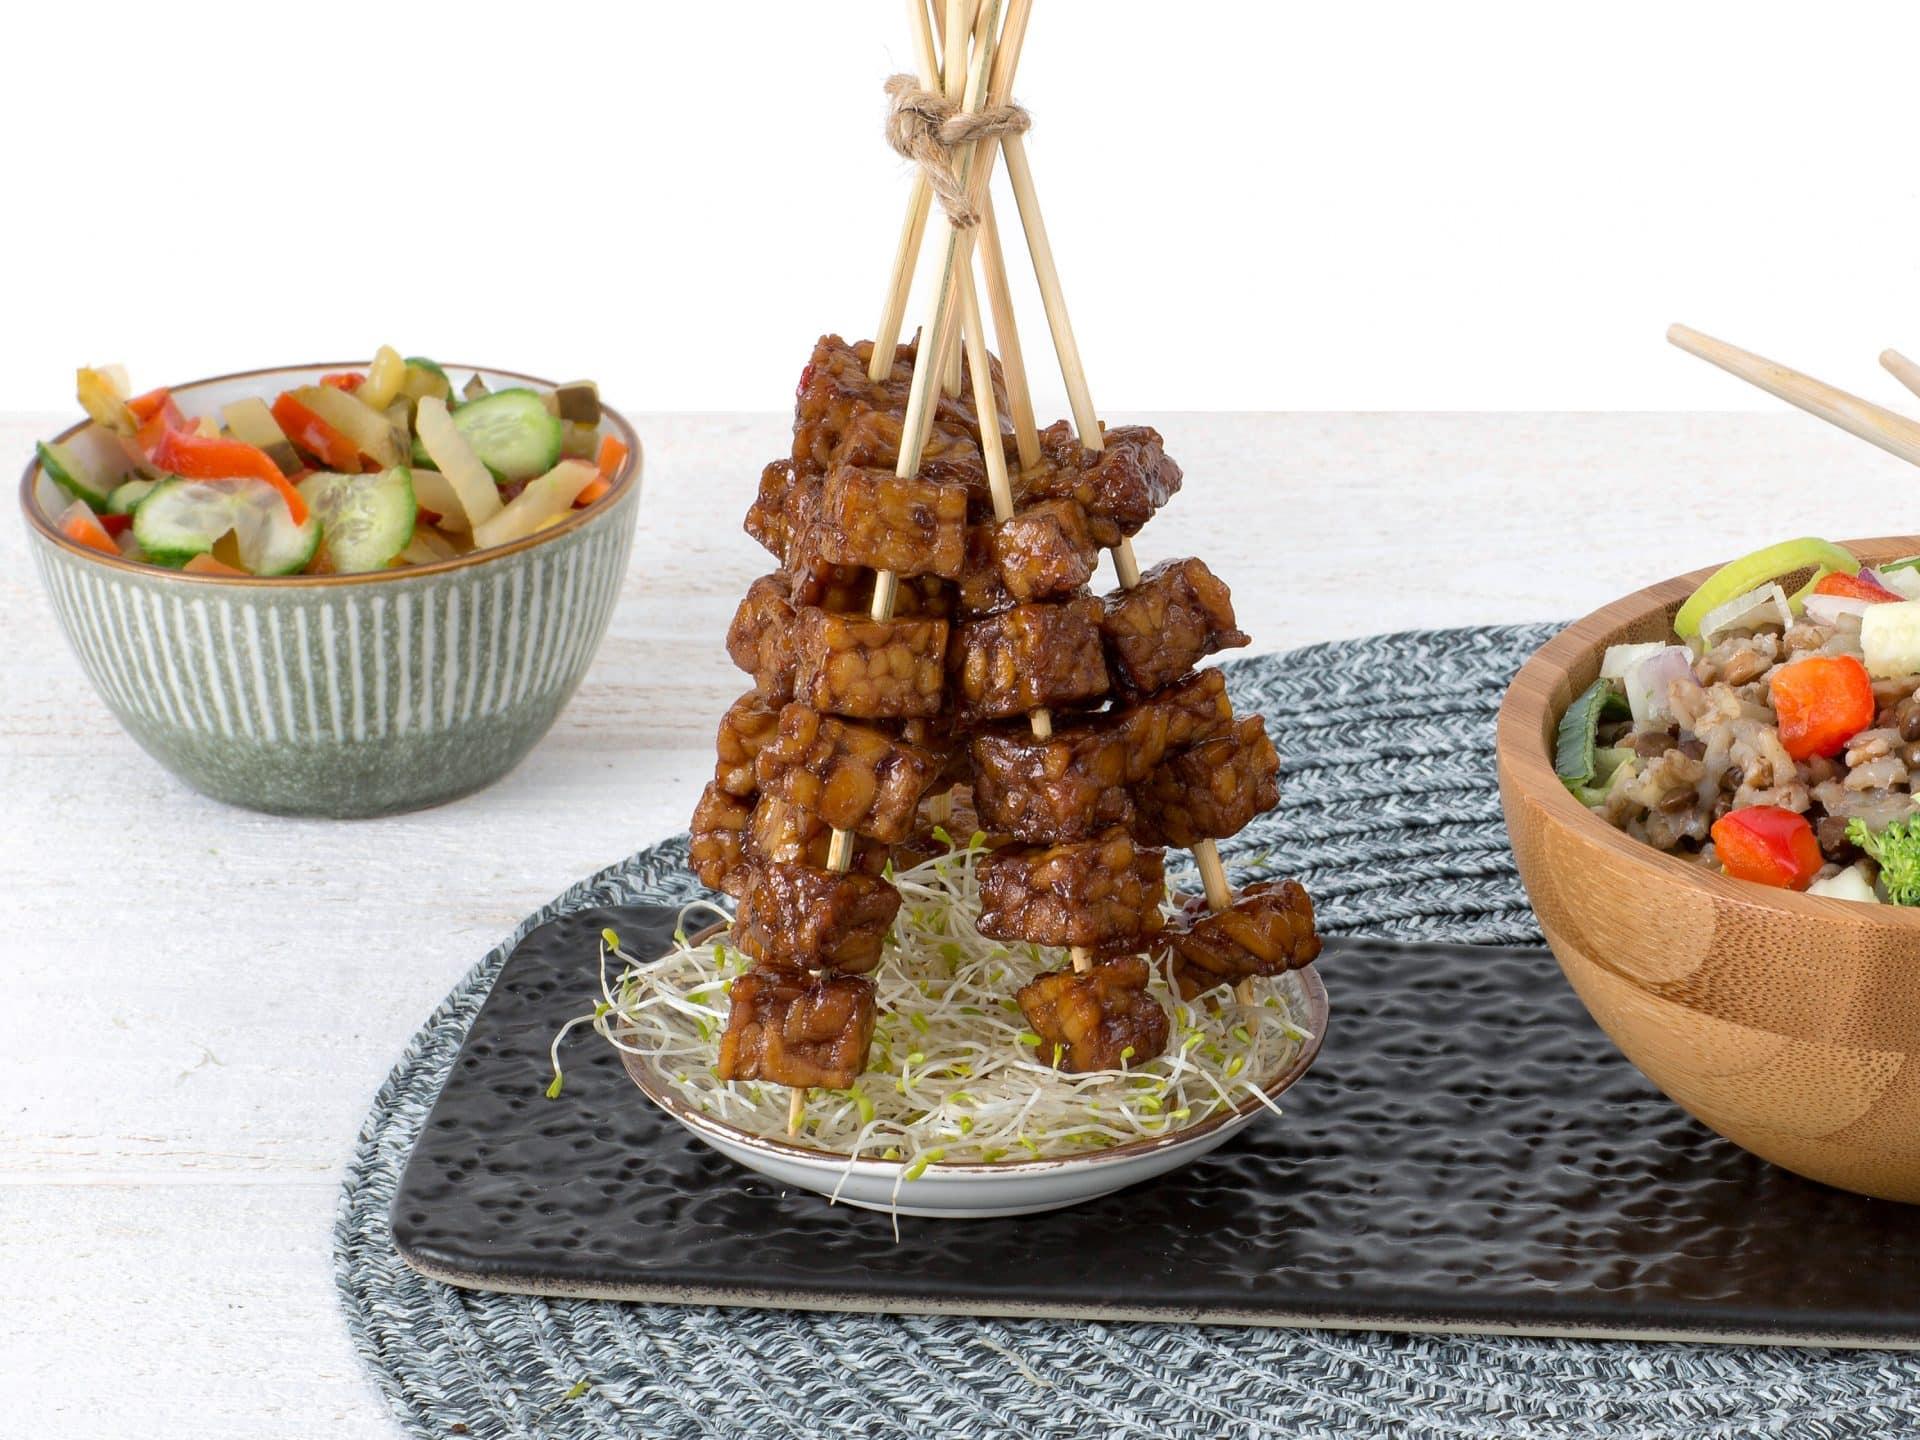 substitut de viande: Cubes de Tempeh végétalien